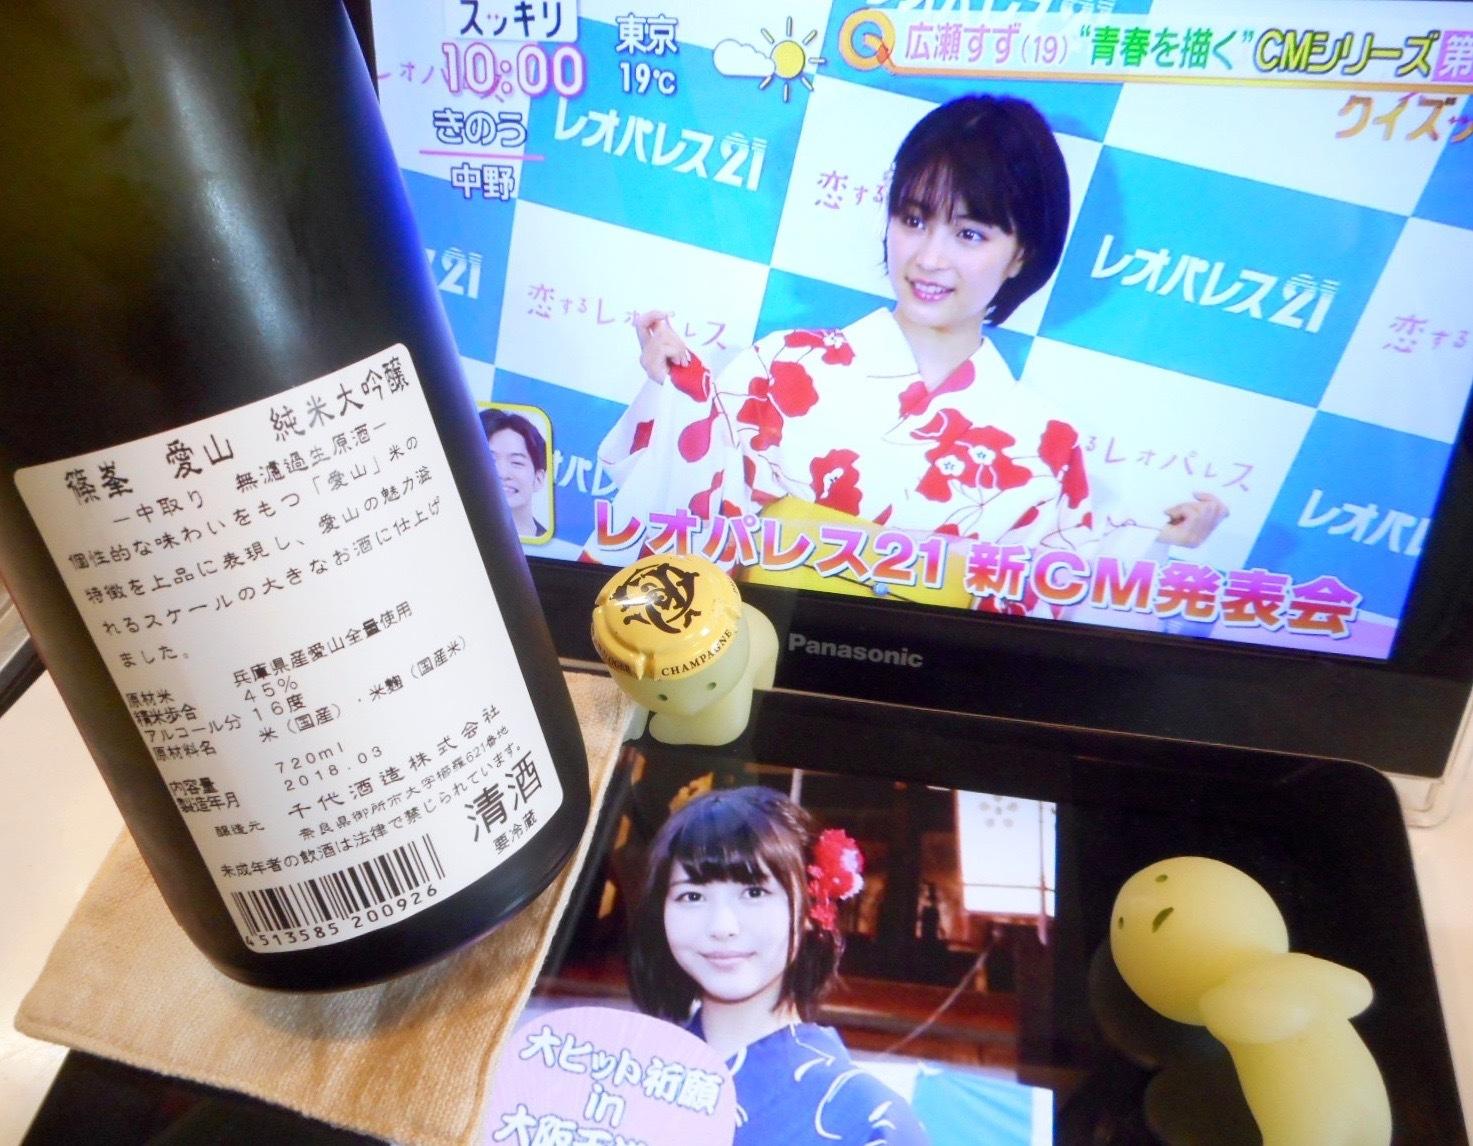 浜辺美波最強論vs広瀬すず6